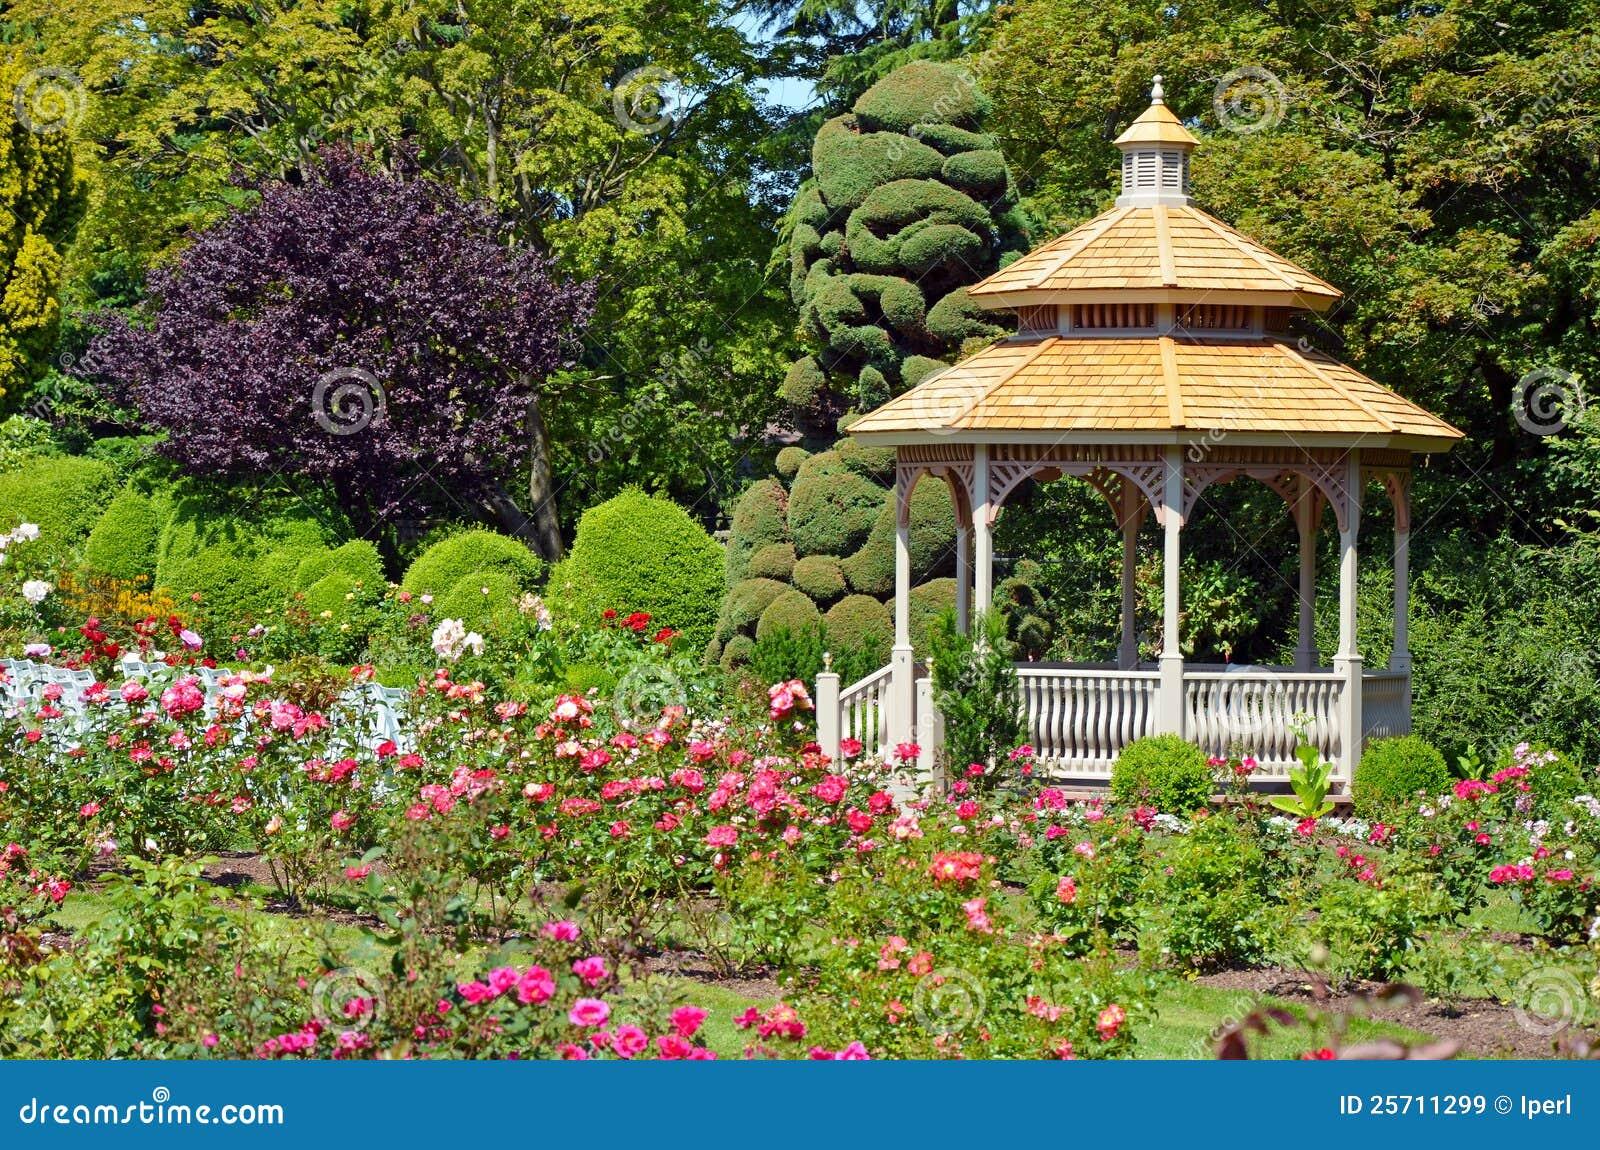 gazebo jardim madeira:Spring Garden Gazebo